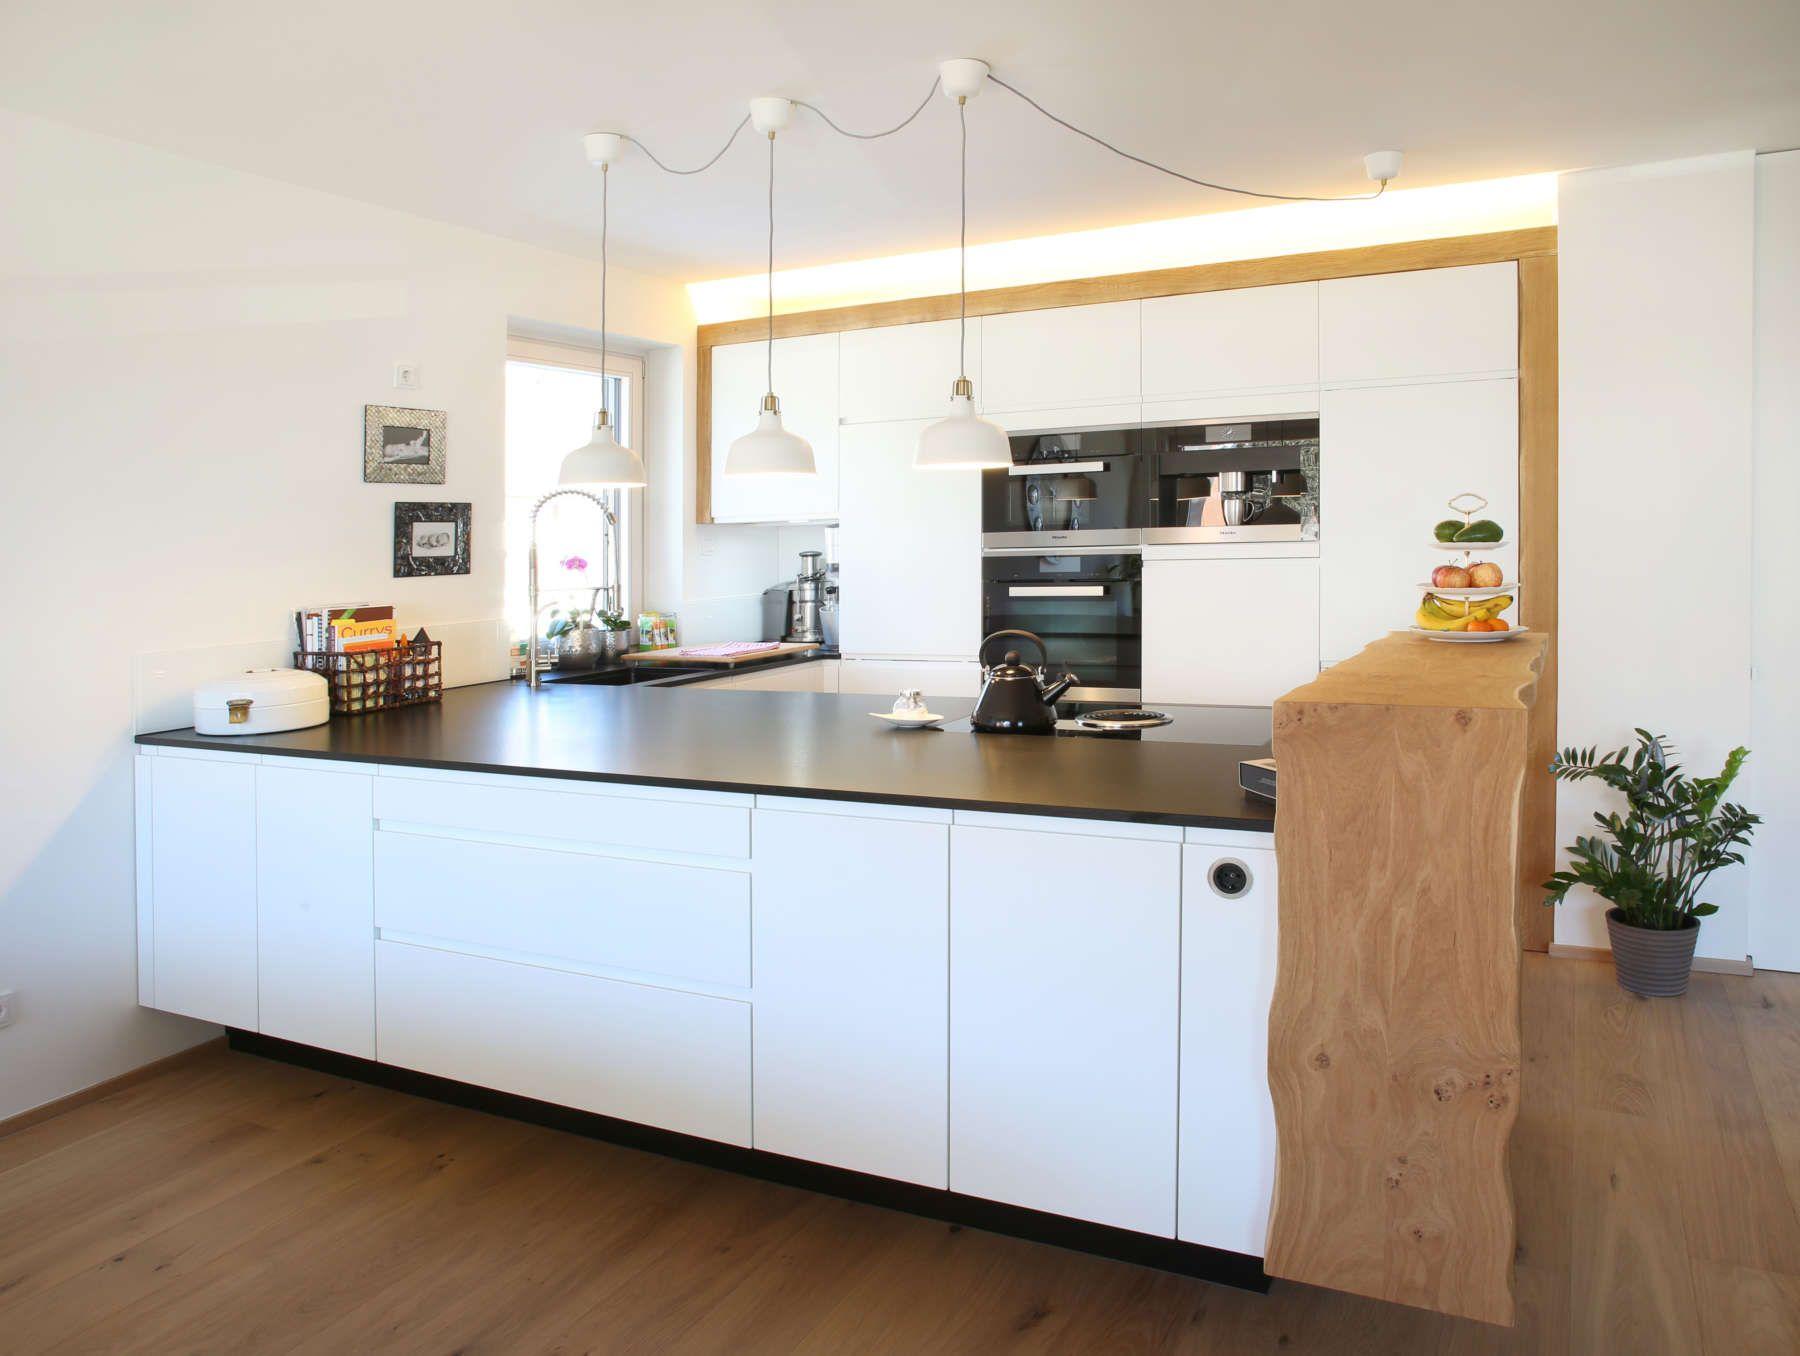 Moderne Küchen Moderne küche, Küchen design, Wohnung küche